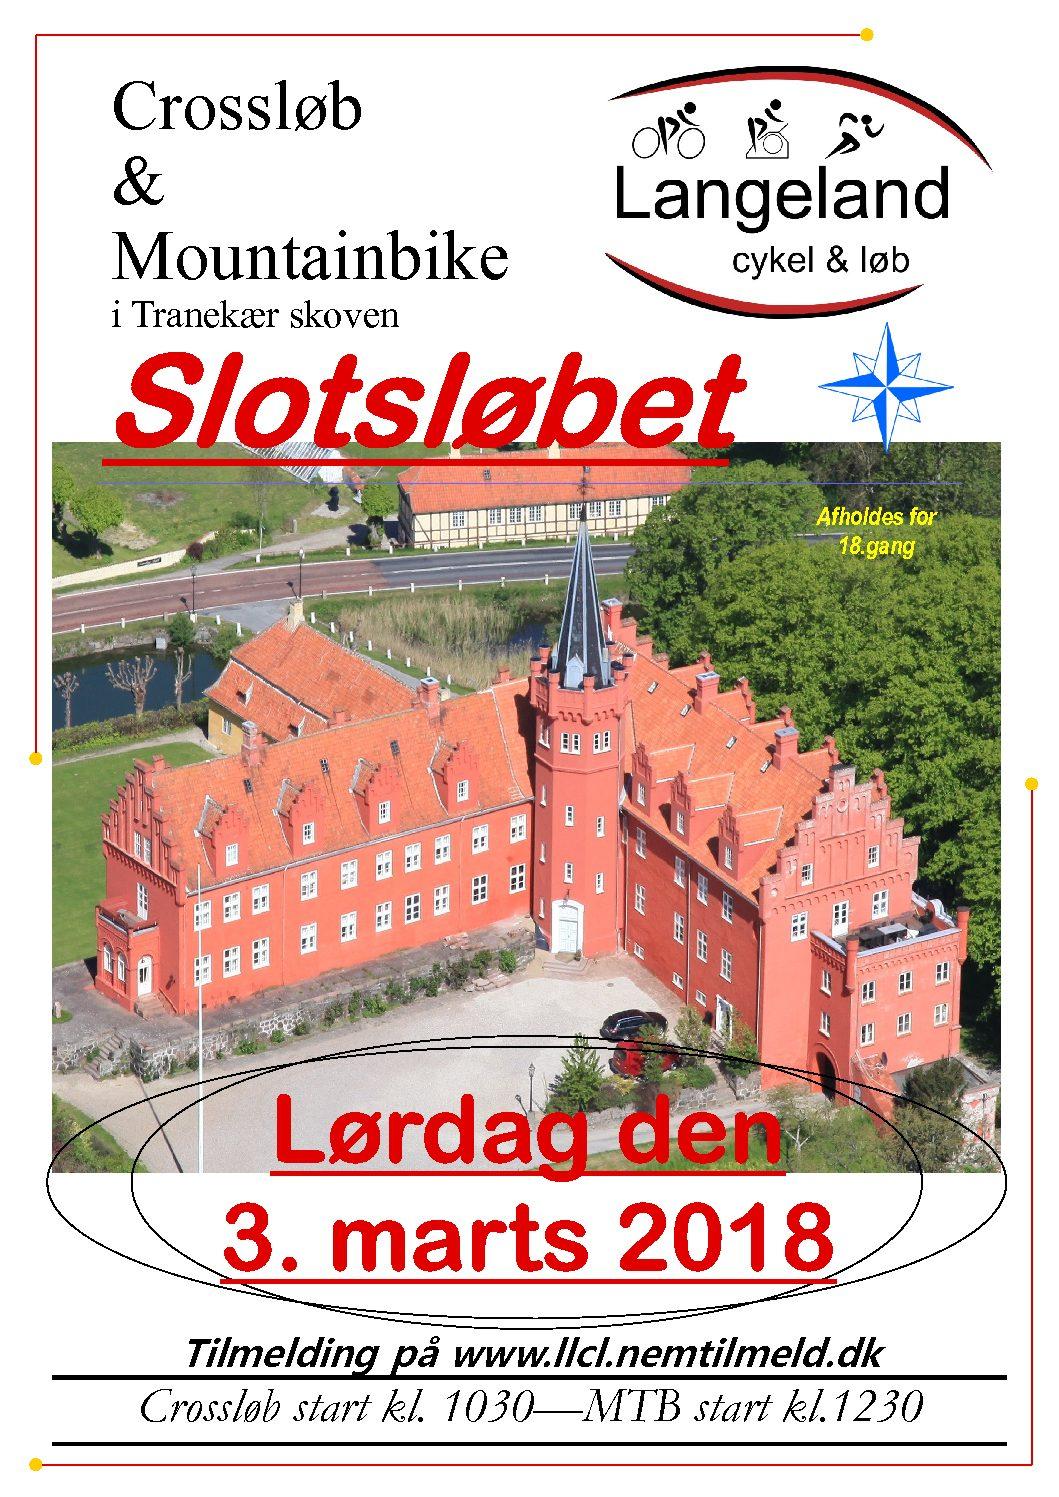 Slotsløbet, Langeland